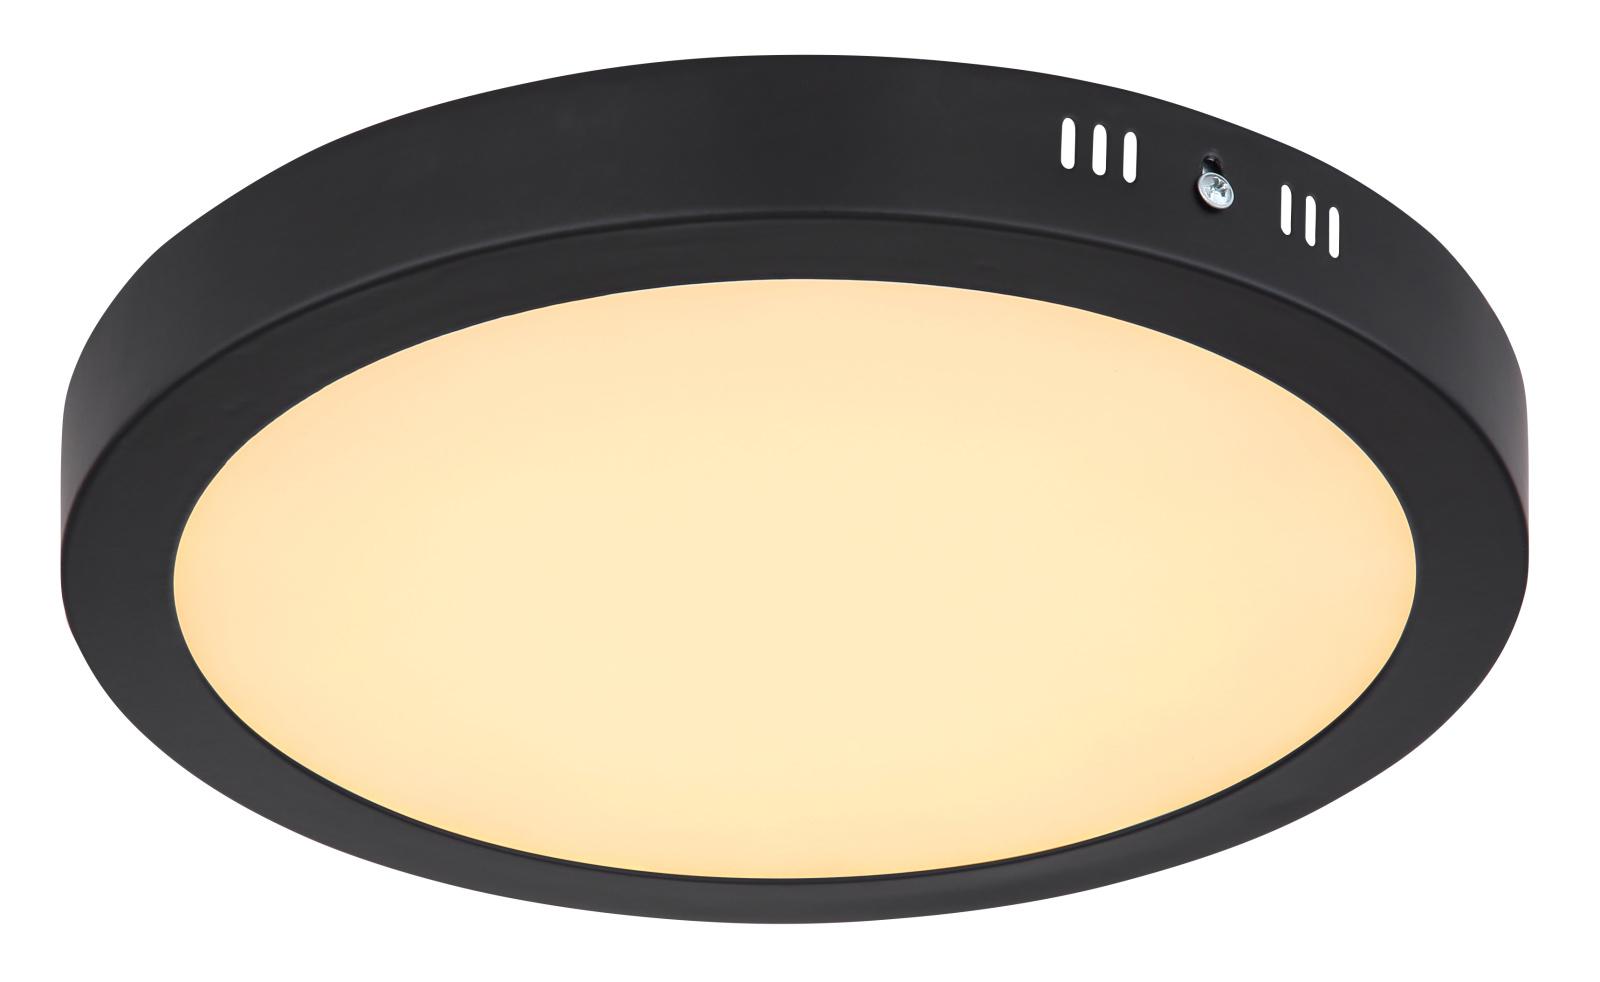 Mennyezeti lámpa fém fekete váz, akril opál búra inkl. 1xLED 22W 230V, 2000lm, 3000K